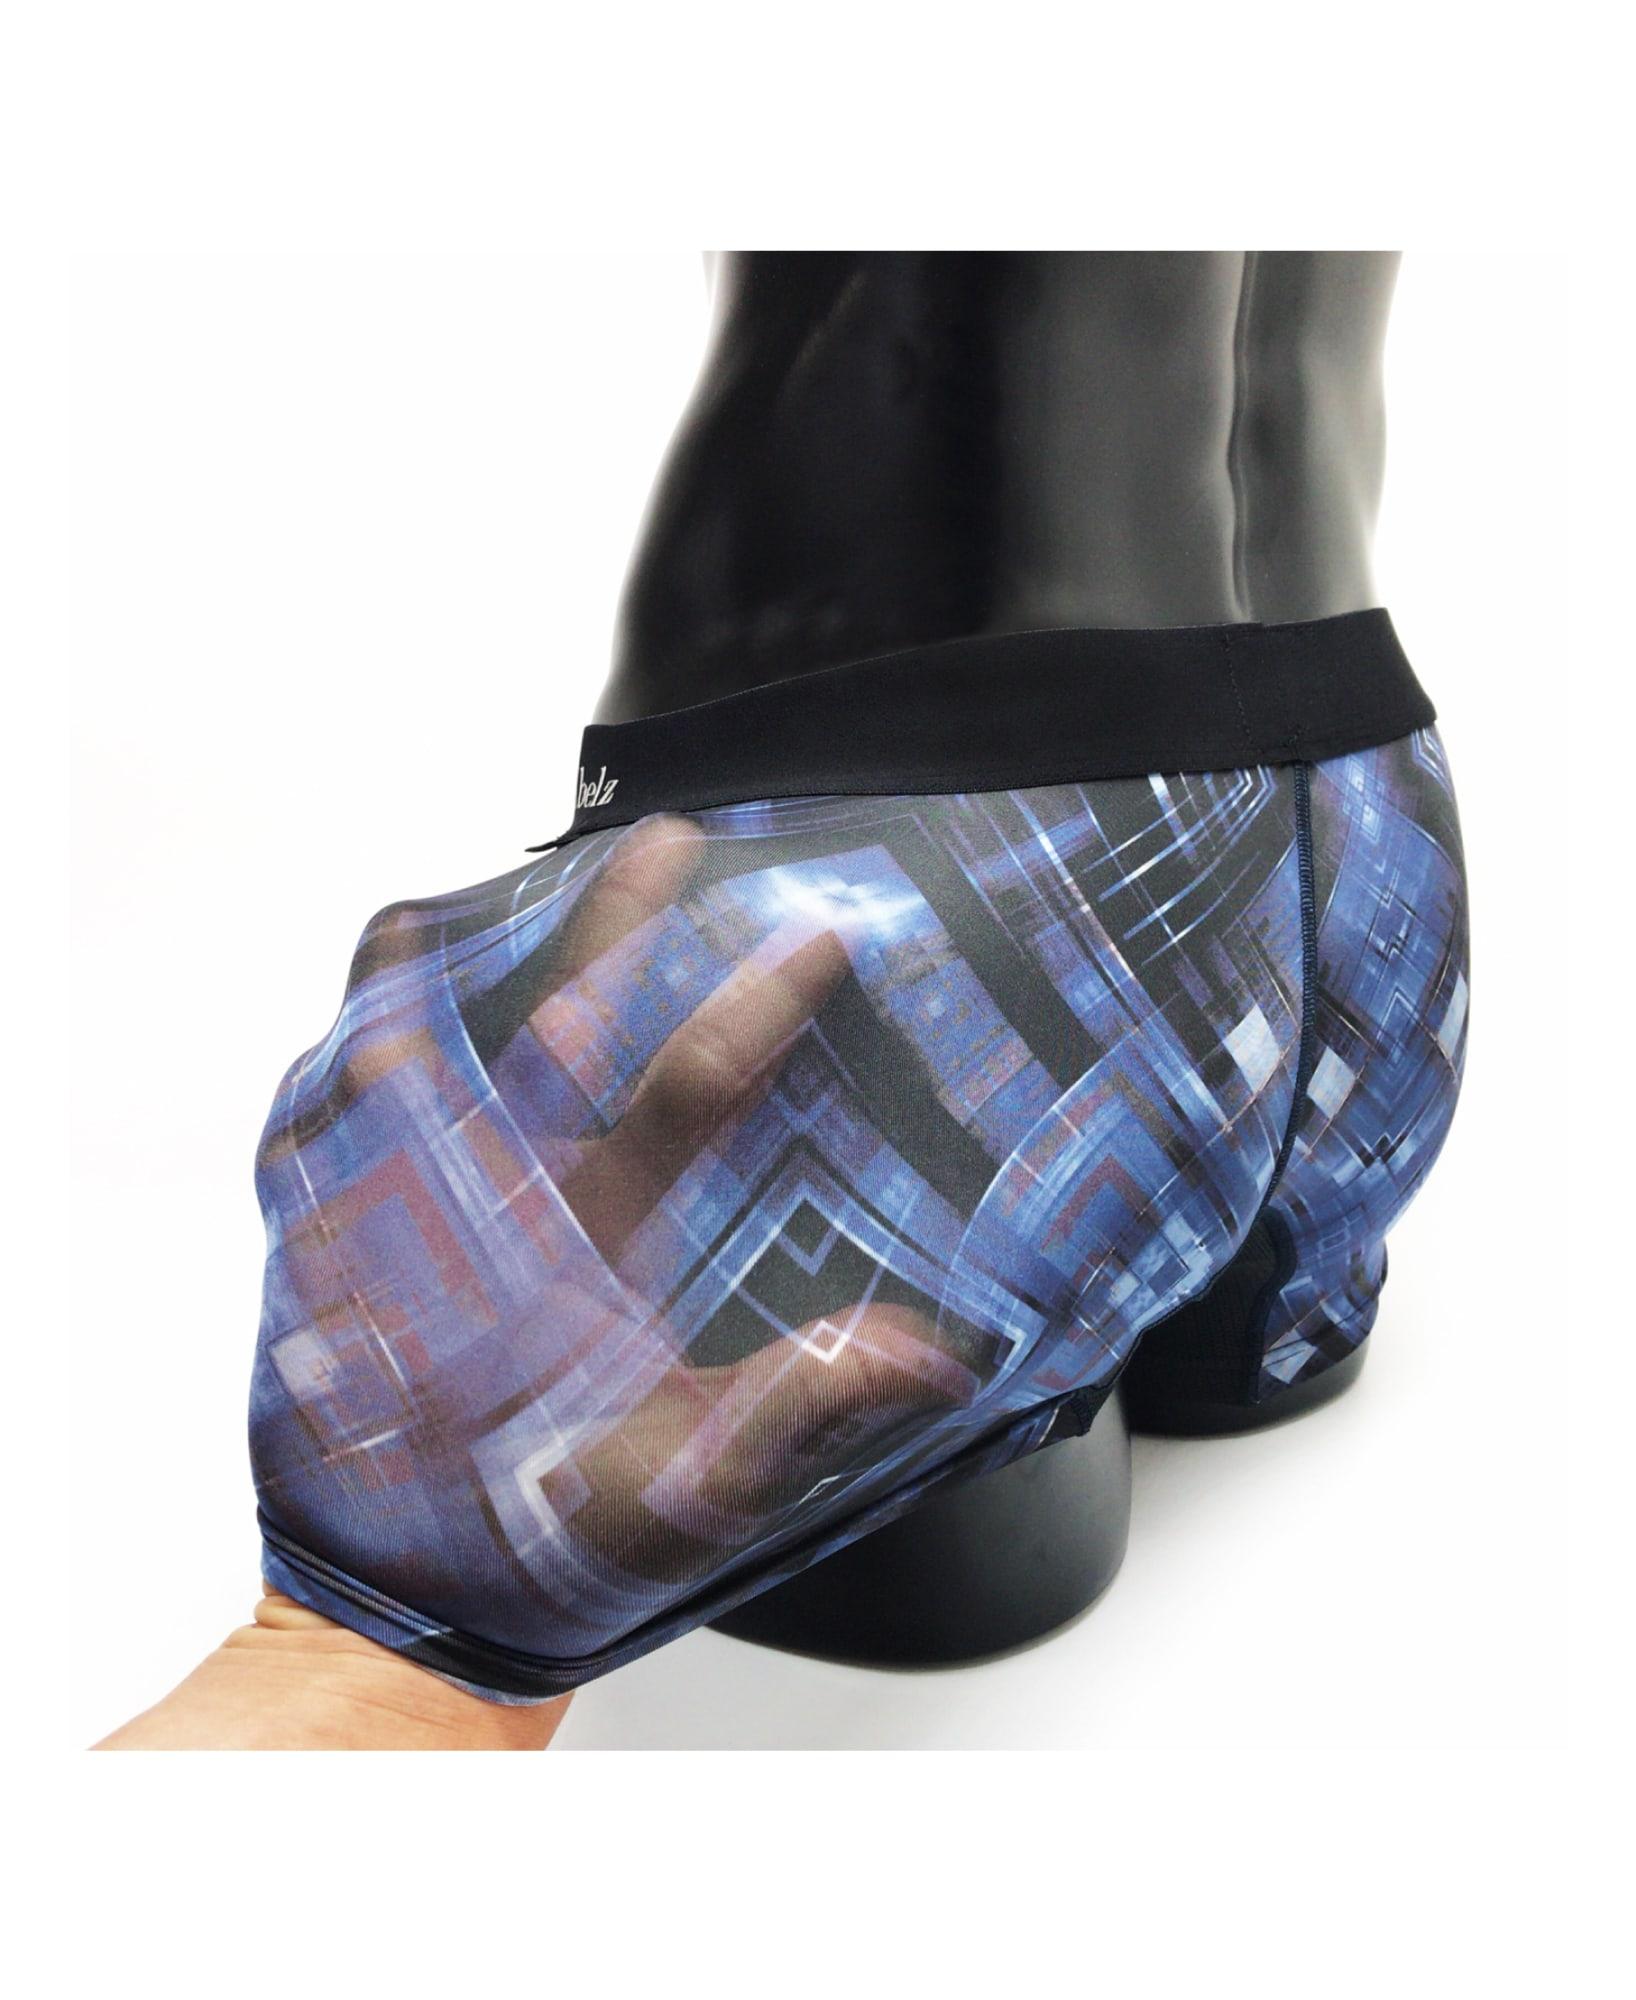 BOXER ボクサーパンツ 通販 | ナイロン ストレッチ ツルツル 肌触り DIGITAL WAVE | ブランドデザイン詳細画像